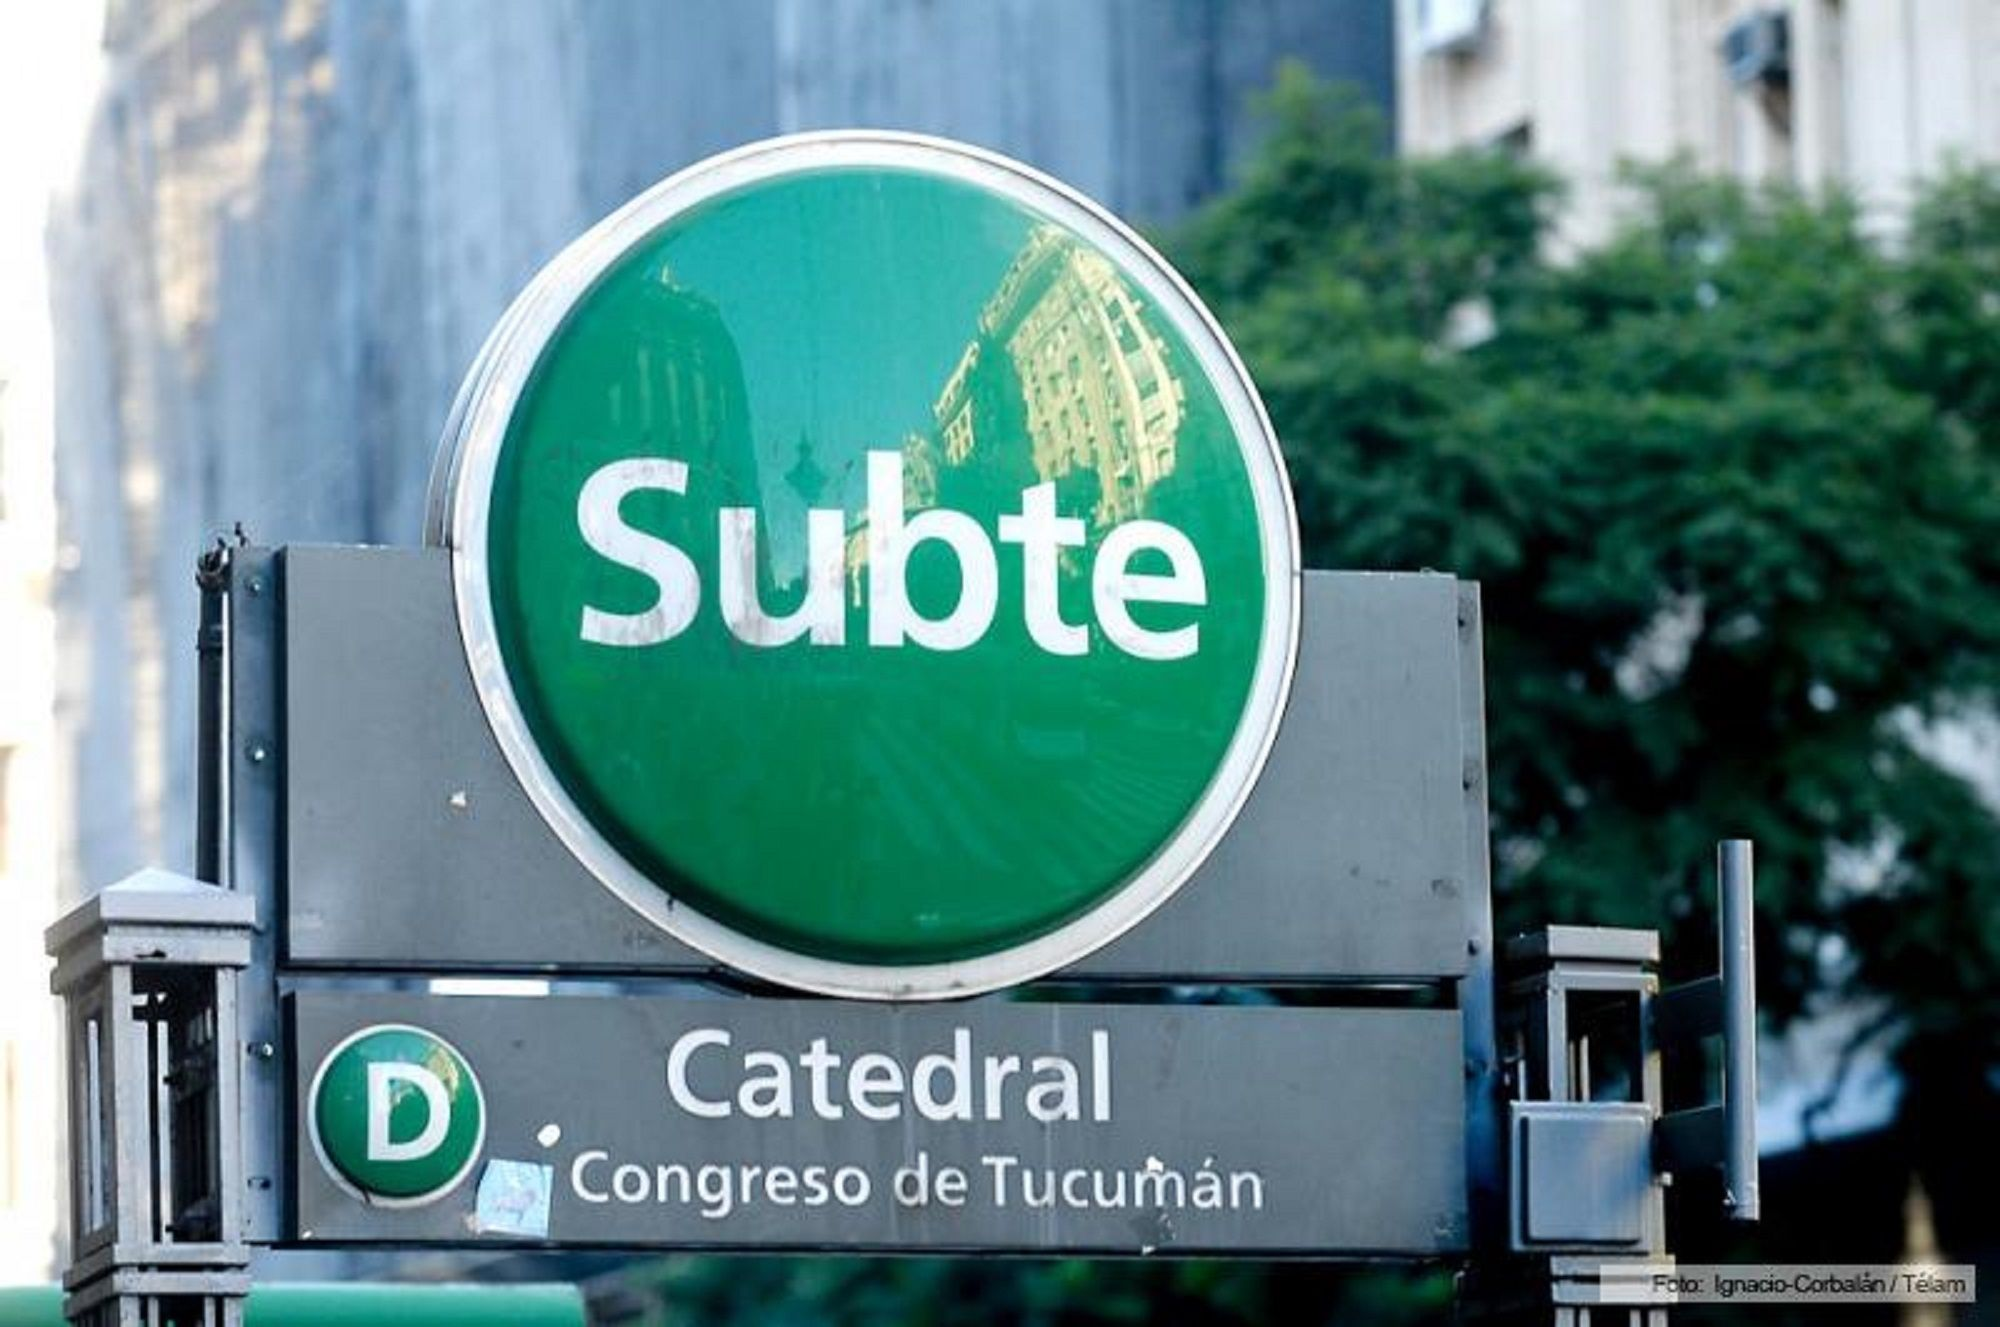 Metrodelegados confirmaron que adhieren al paro de la CGT y no habrá subtes el lunes